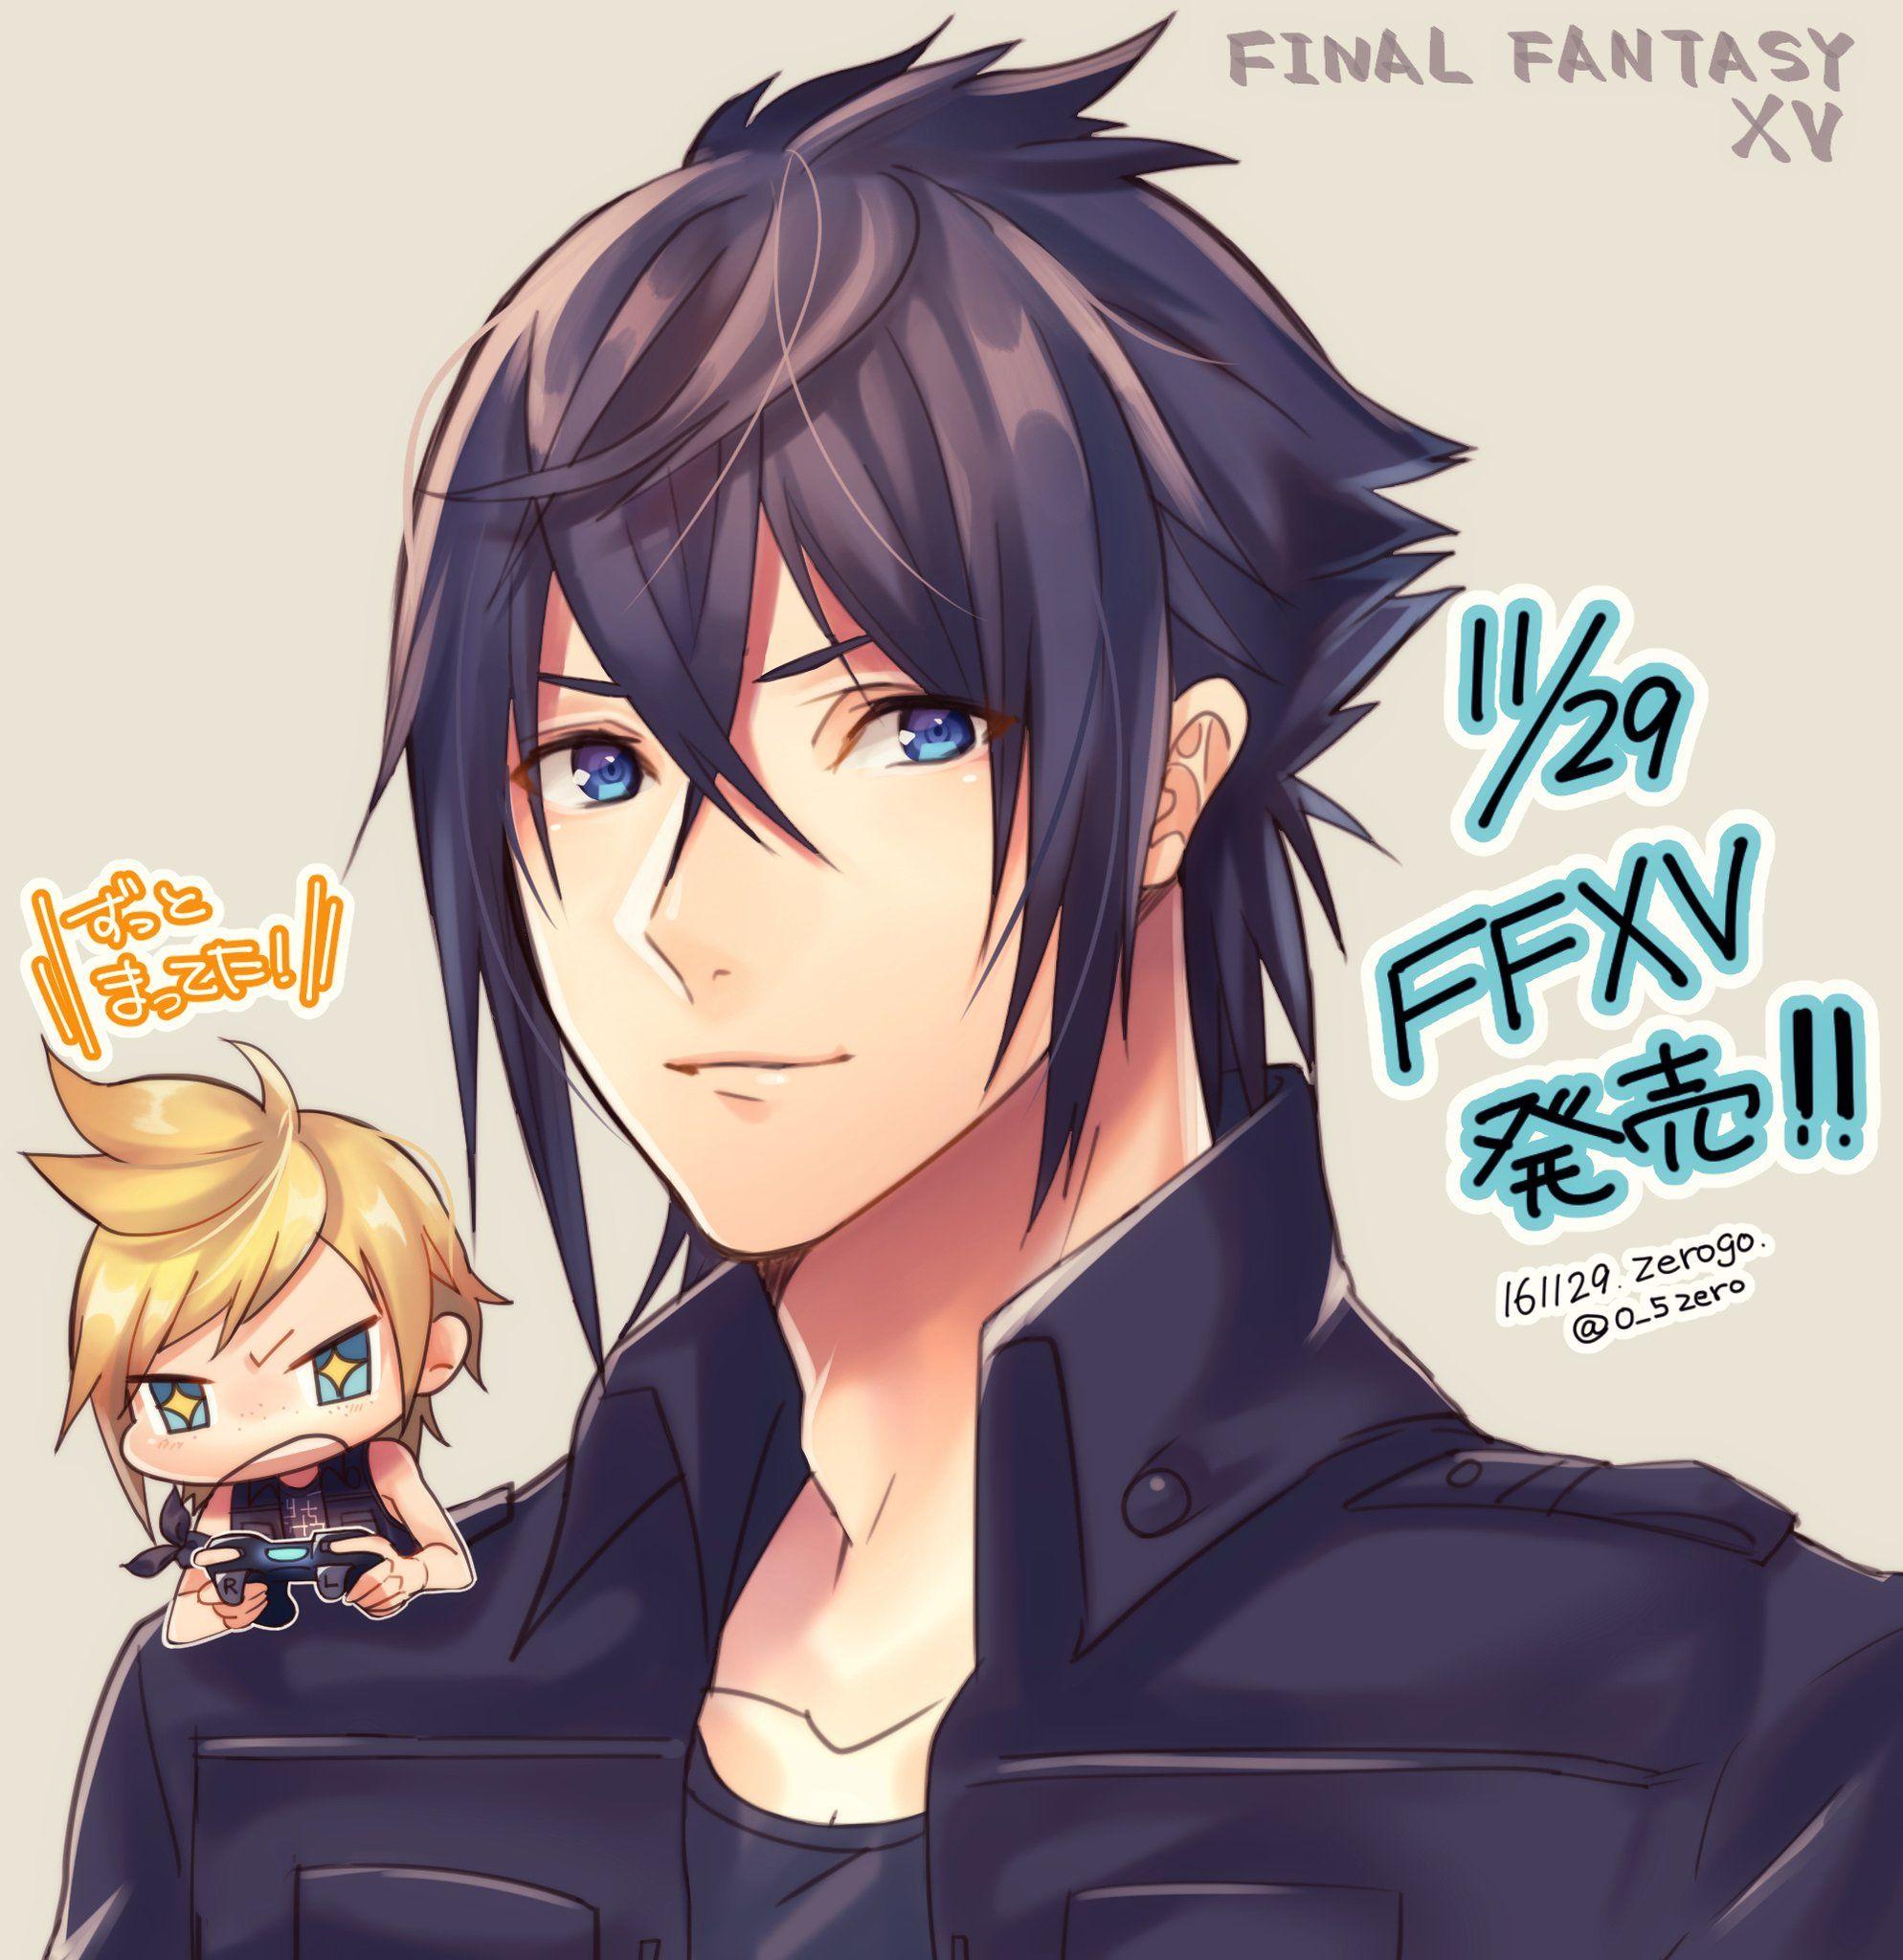 ぜろご 低浮上 on final fantasy finals and final fantasy xv